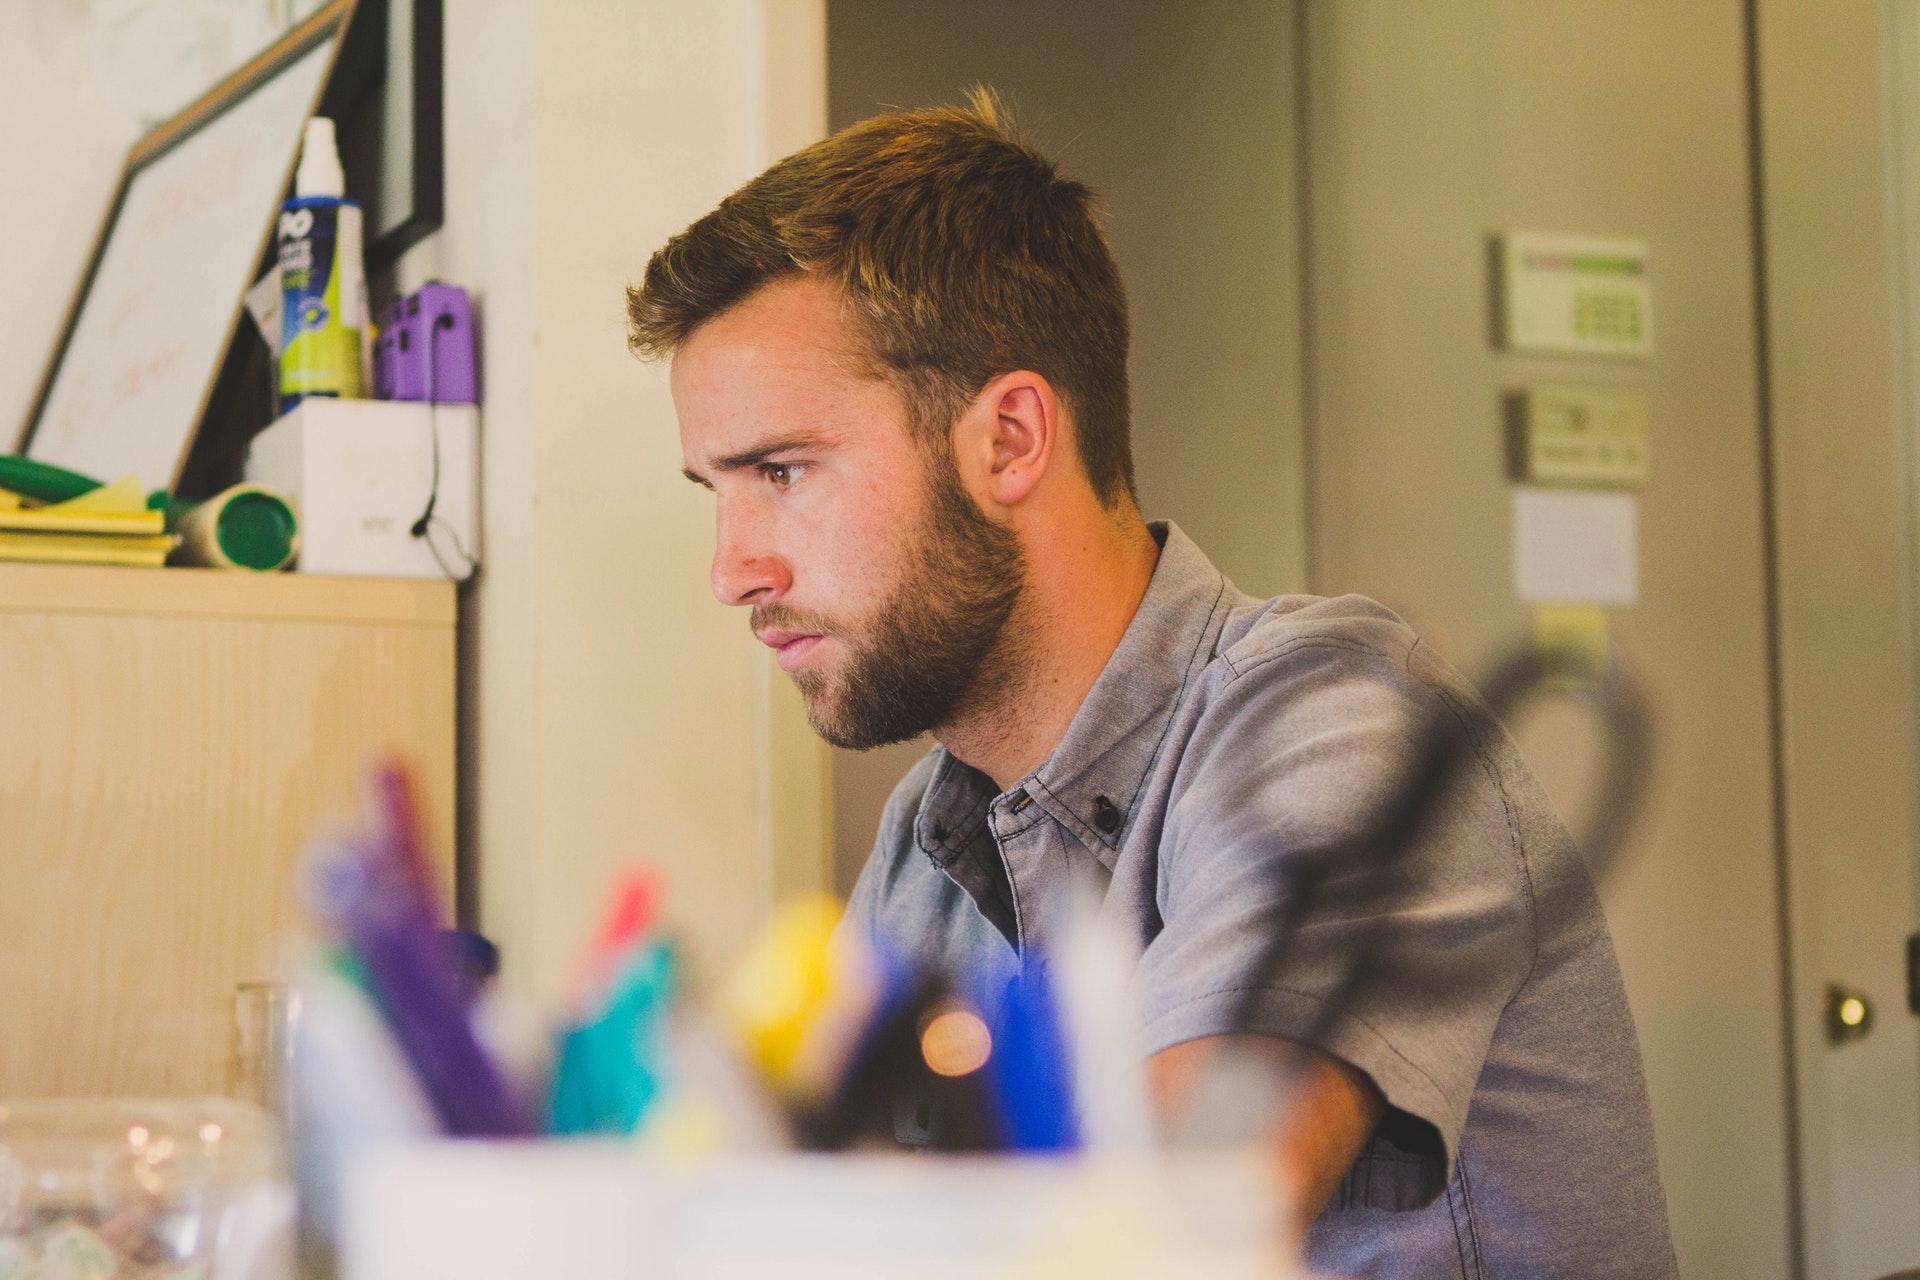 Ettevõtja, tea: millistel tingimustel tohid töötaja isikuandmeid töödelda?